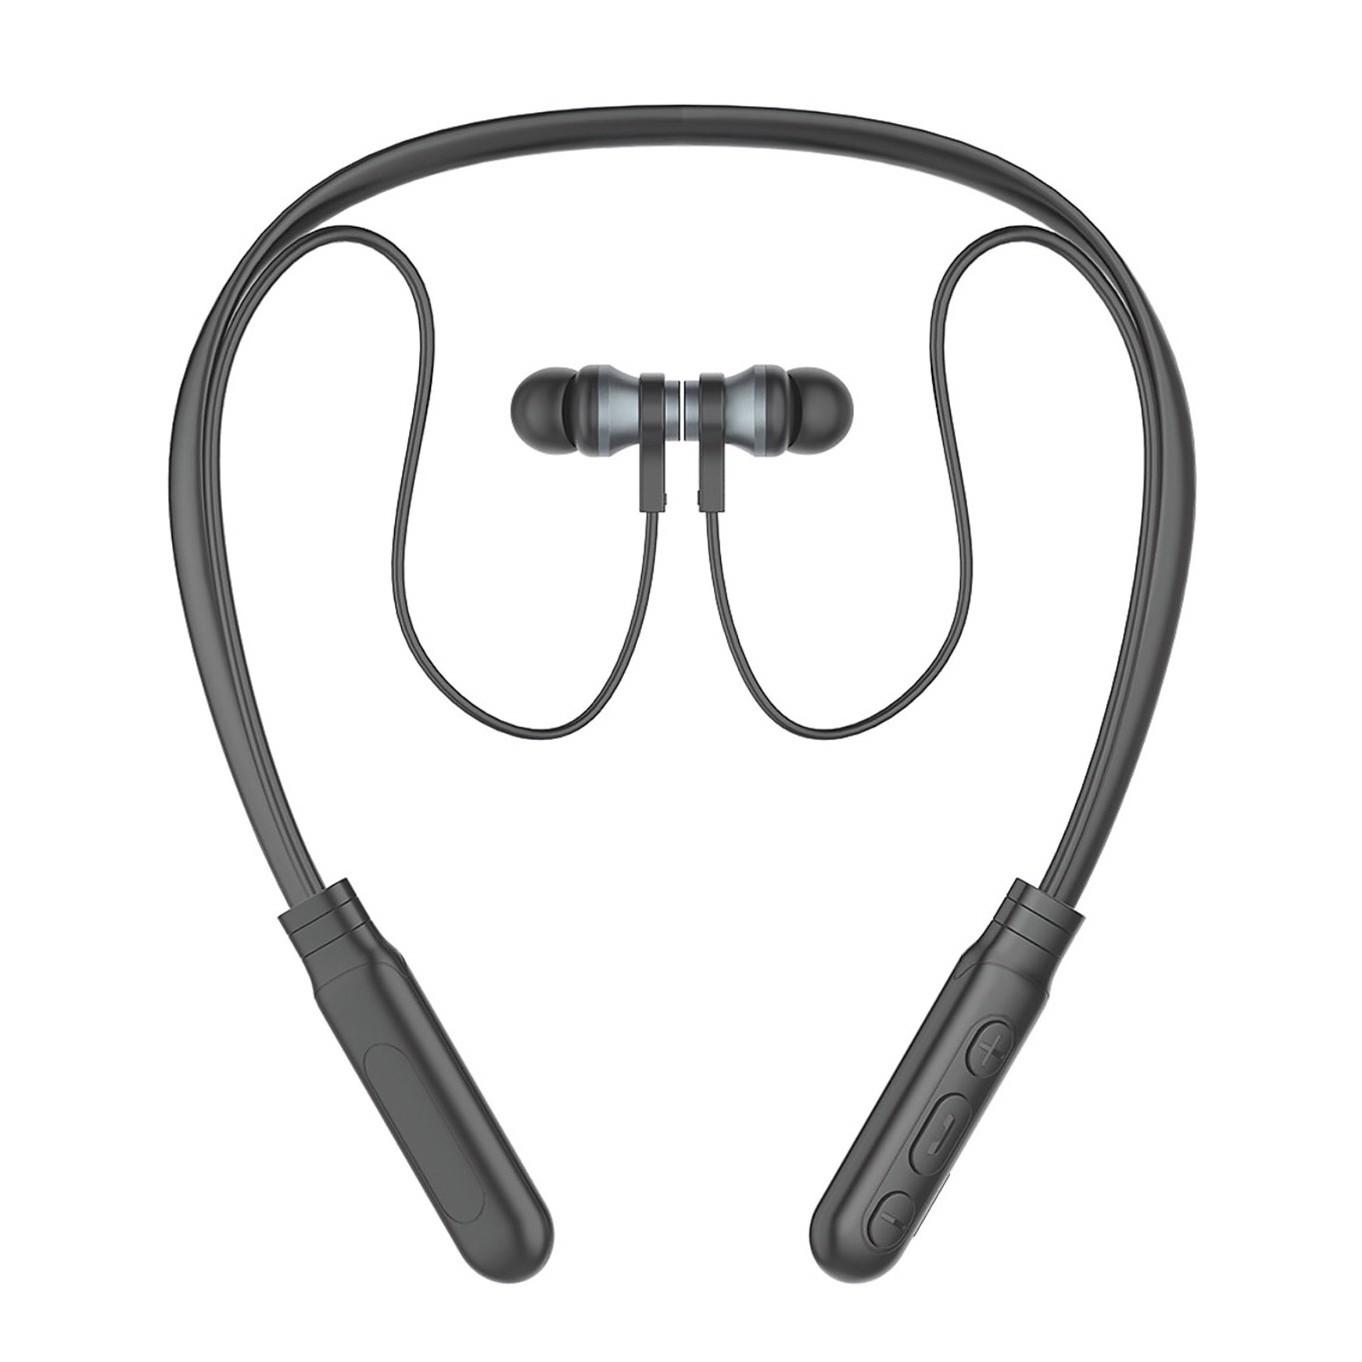 Tai Nghe Bluetooth Quàng Cổ Tiện Lợi Sendem E35 - Kiểu Dáng Thể Thao - Sang Trọng - Hàng Chính Hãng